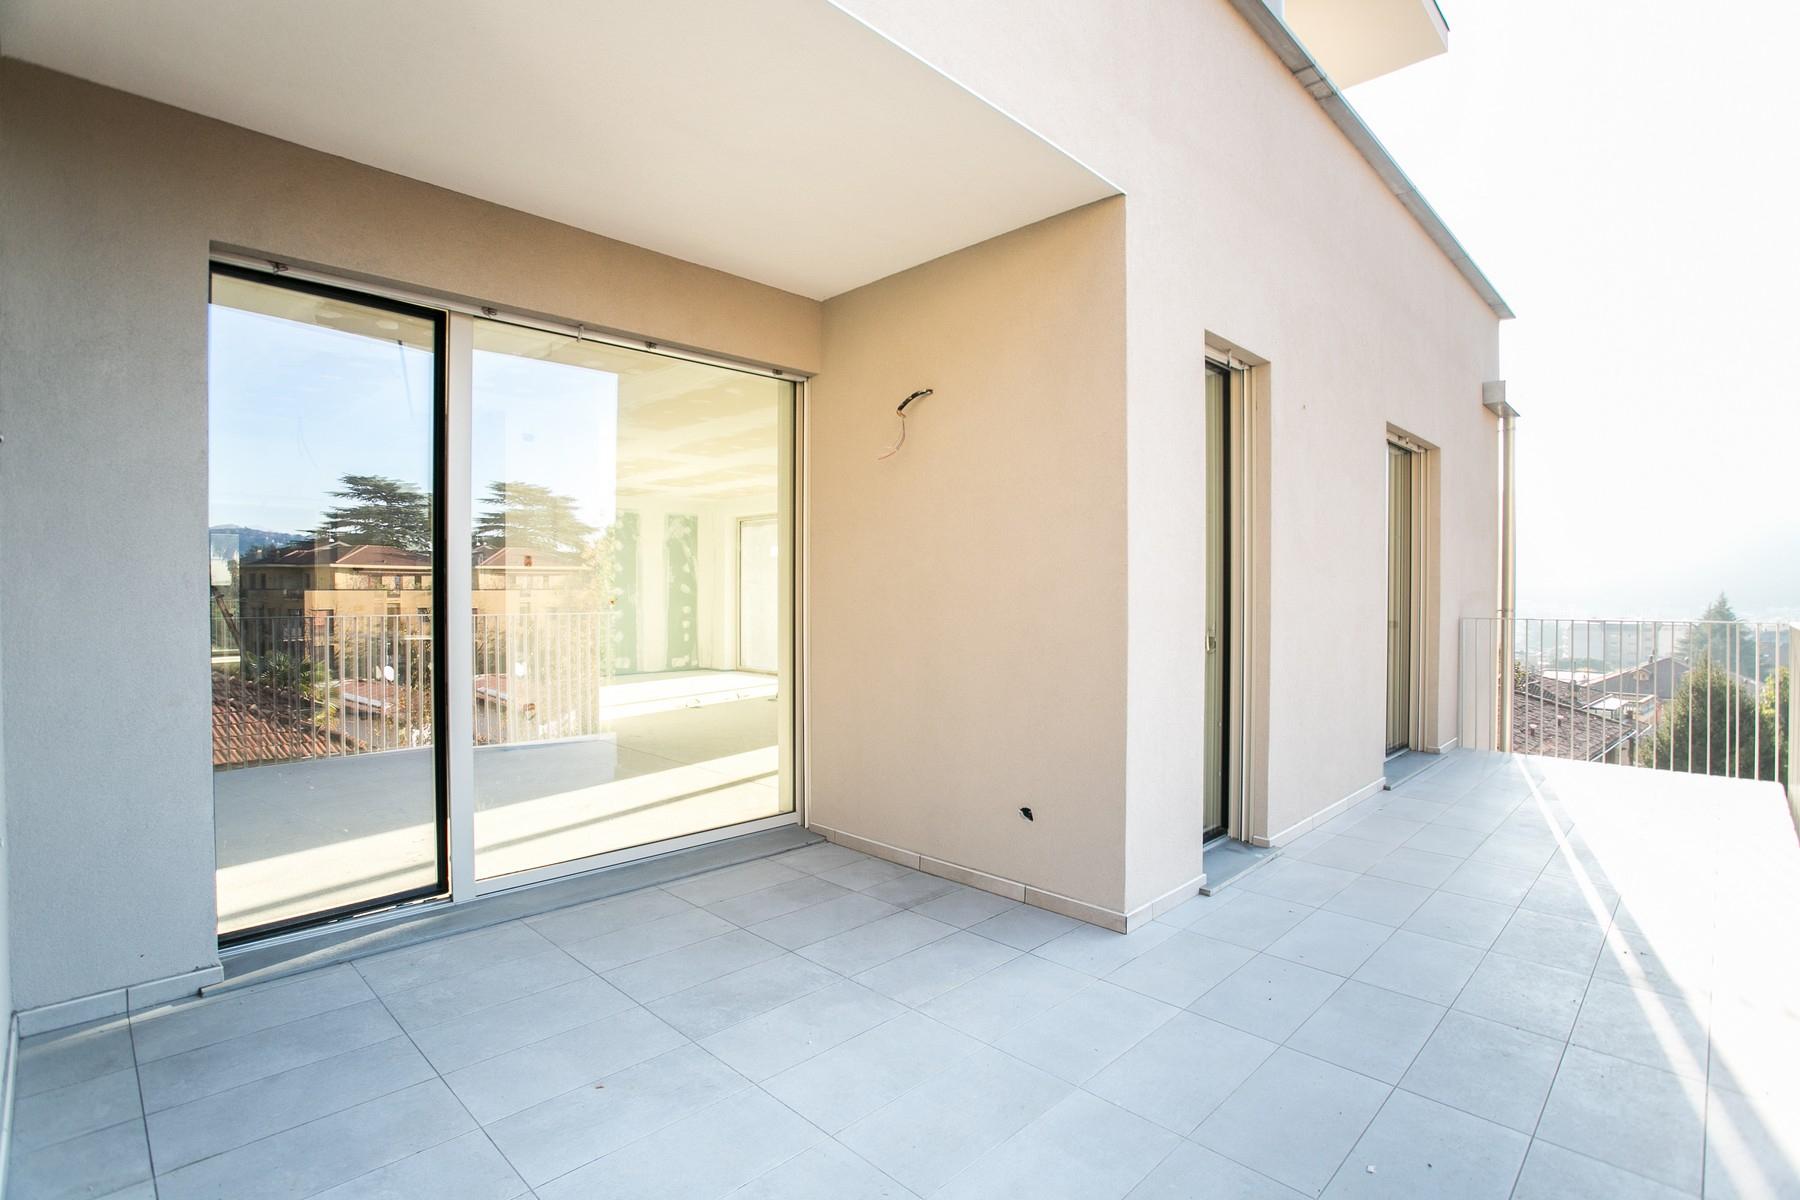 Appartamento in Vendita a Como: 5 locali, 140 mq - Foto 13